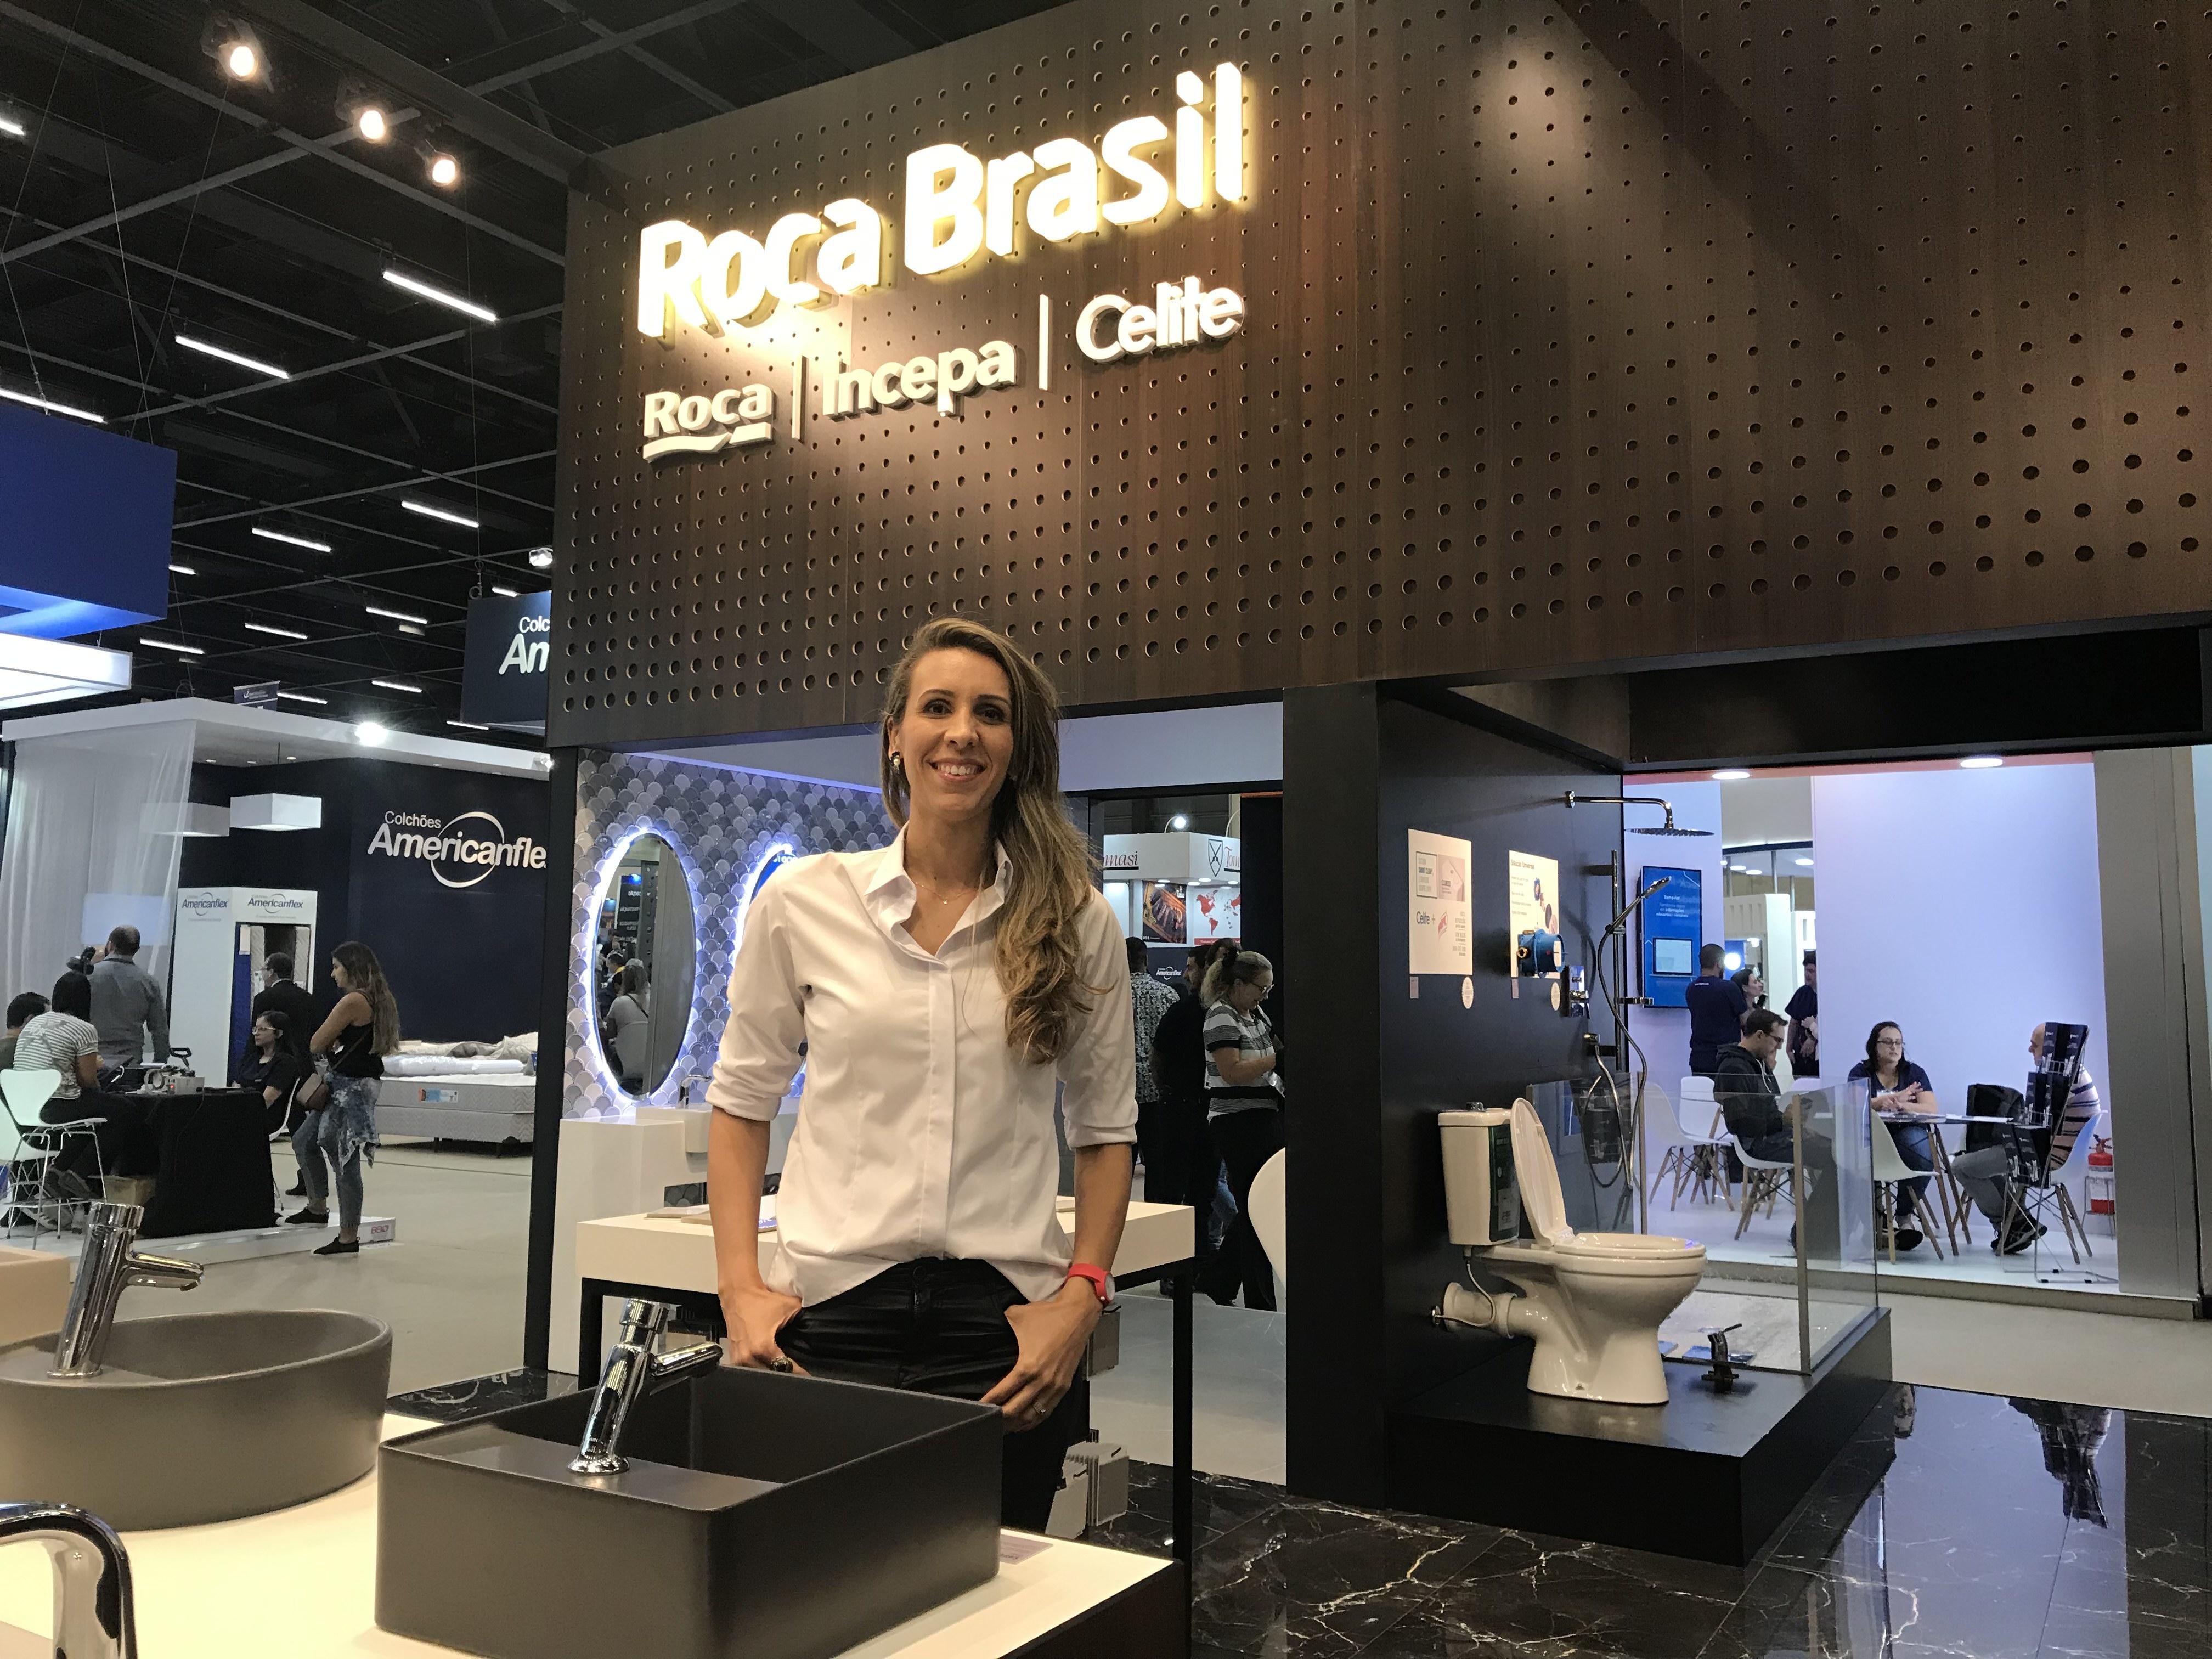 Roca Brasil aposta em Cuba premiada internacionalmente para 57ª Equipotel